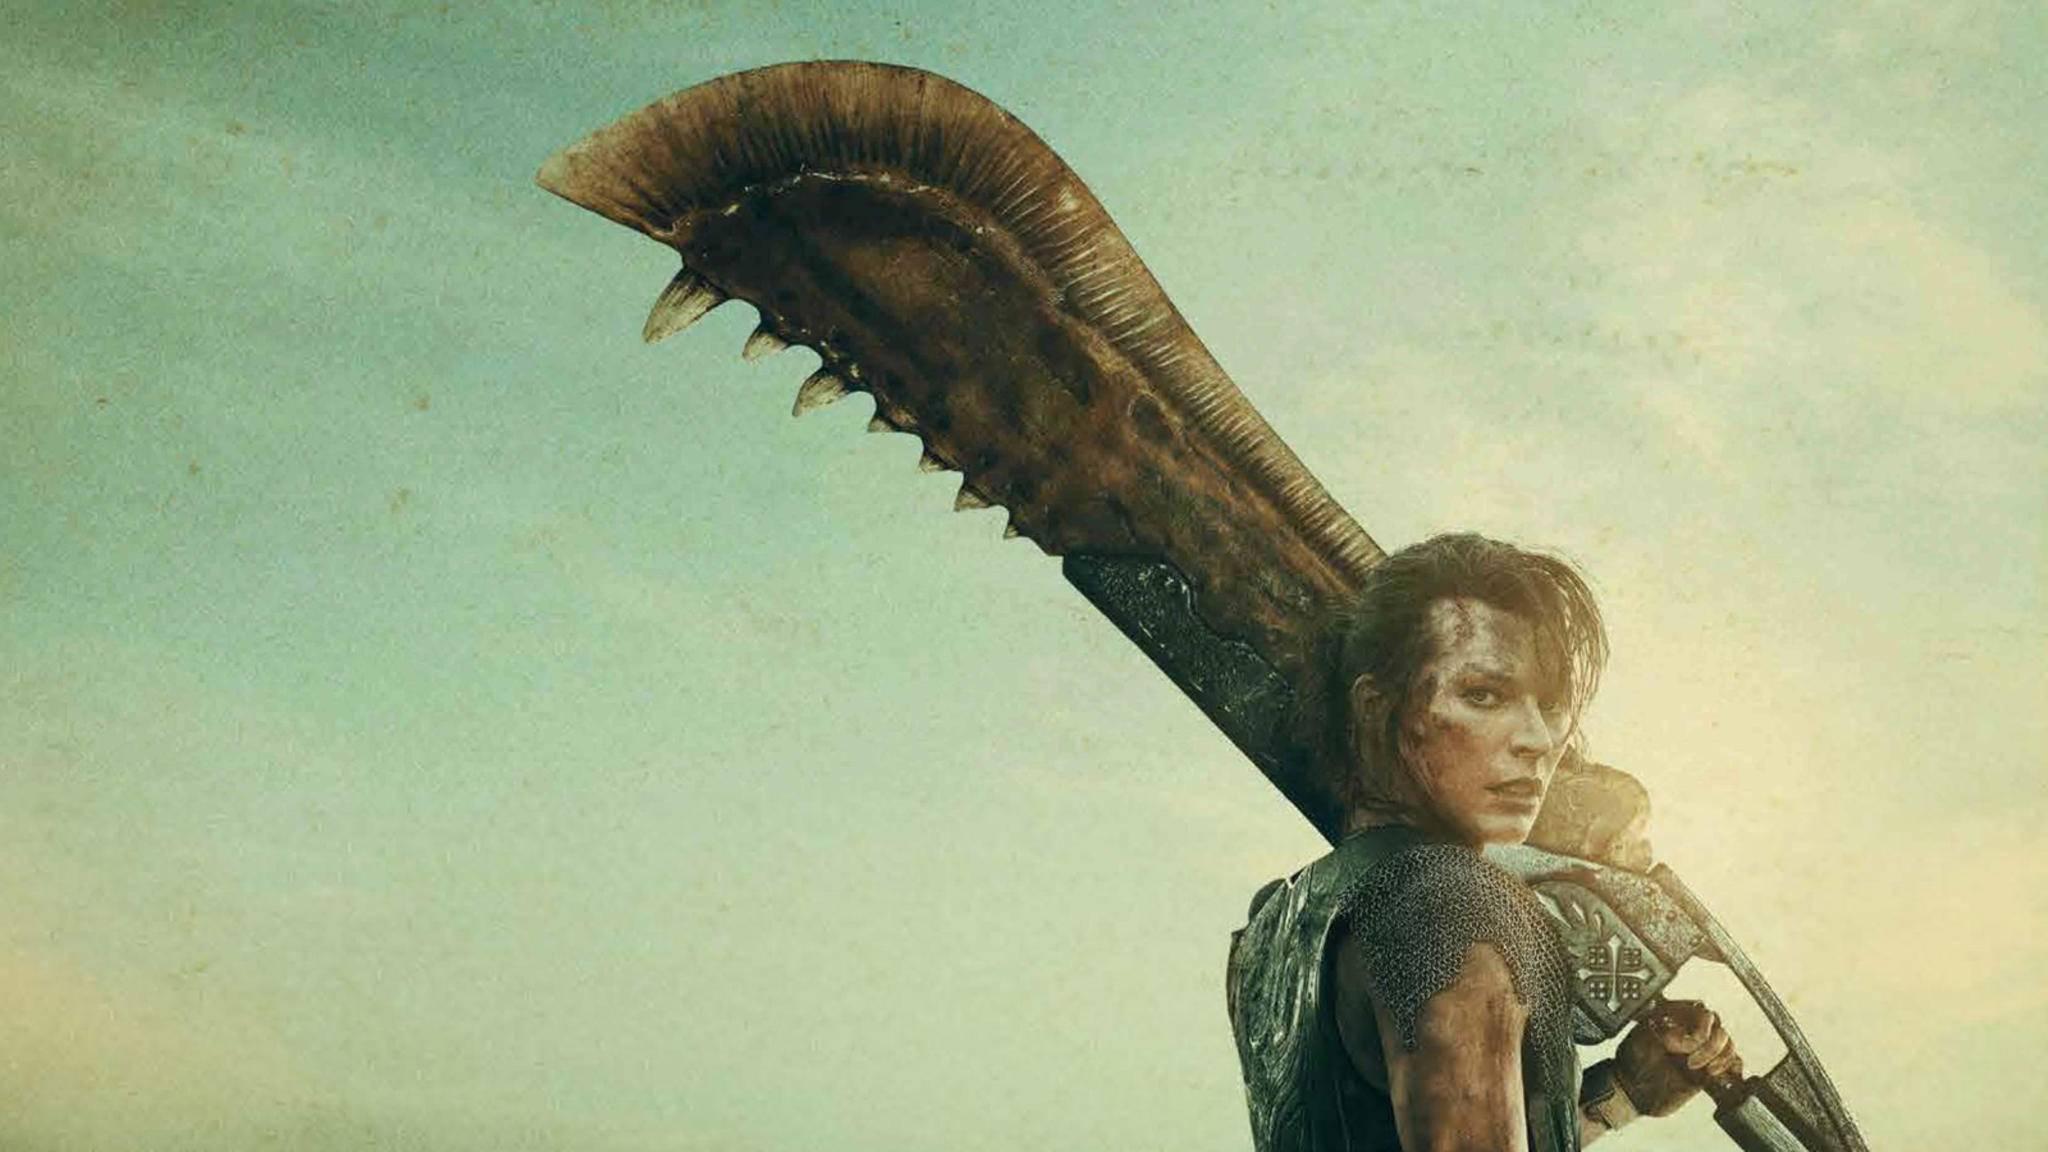 Monster Hunter Milla Jovovich